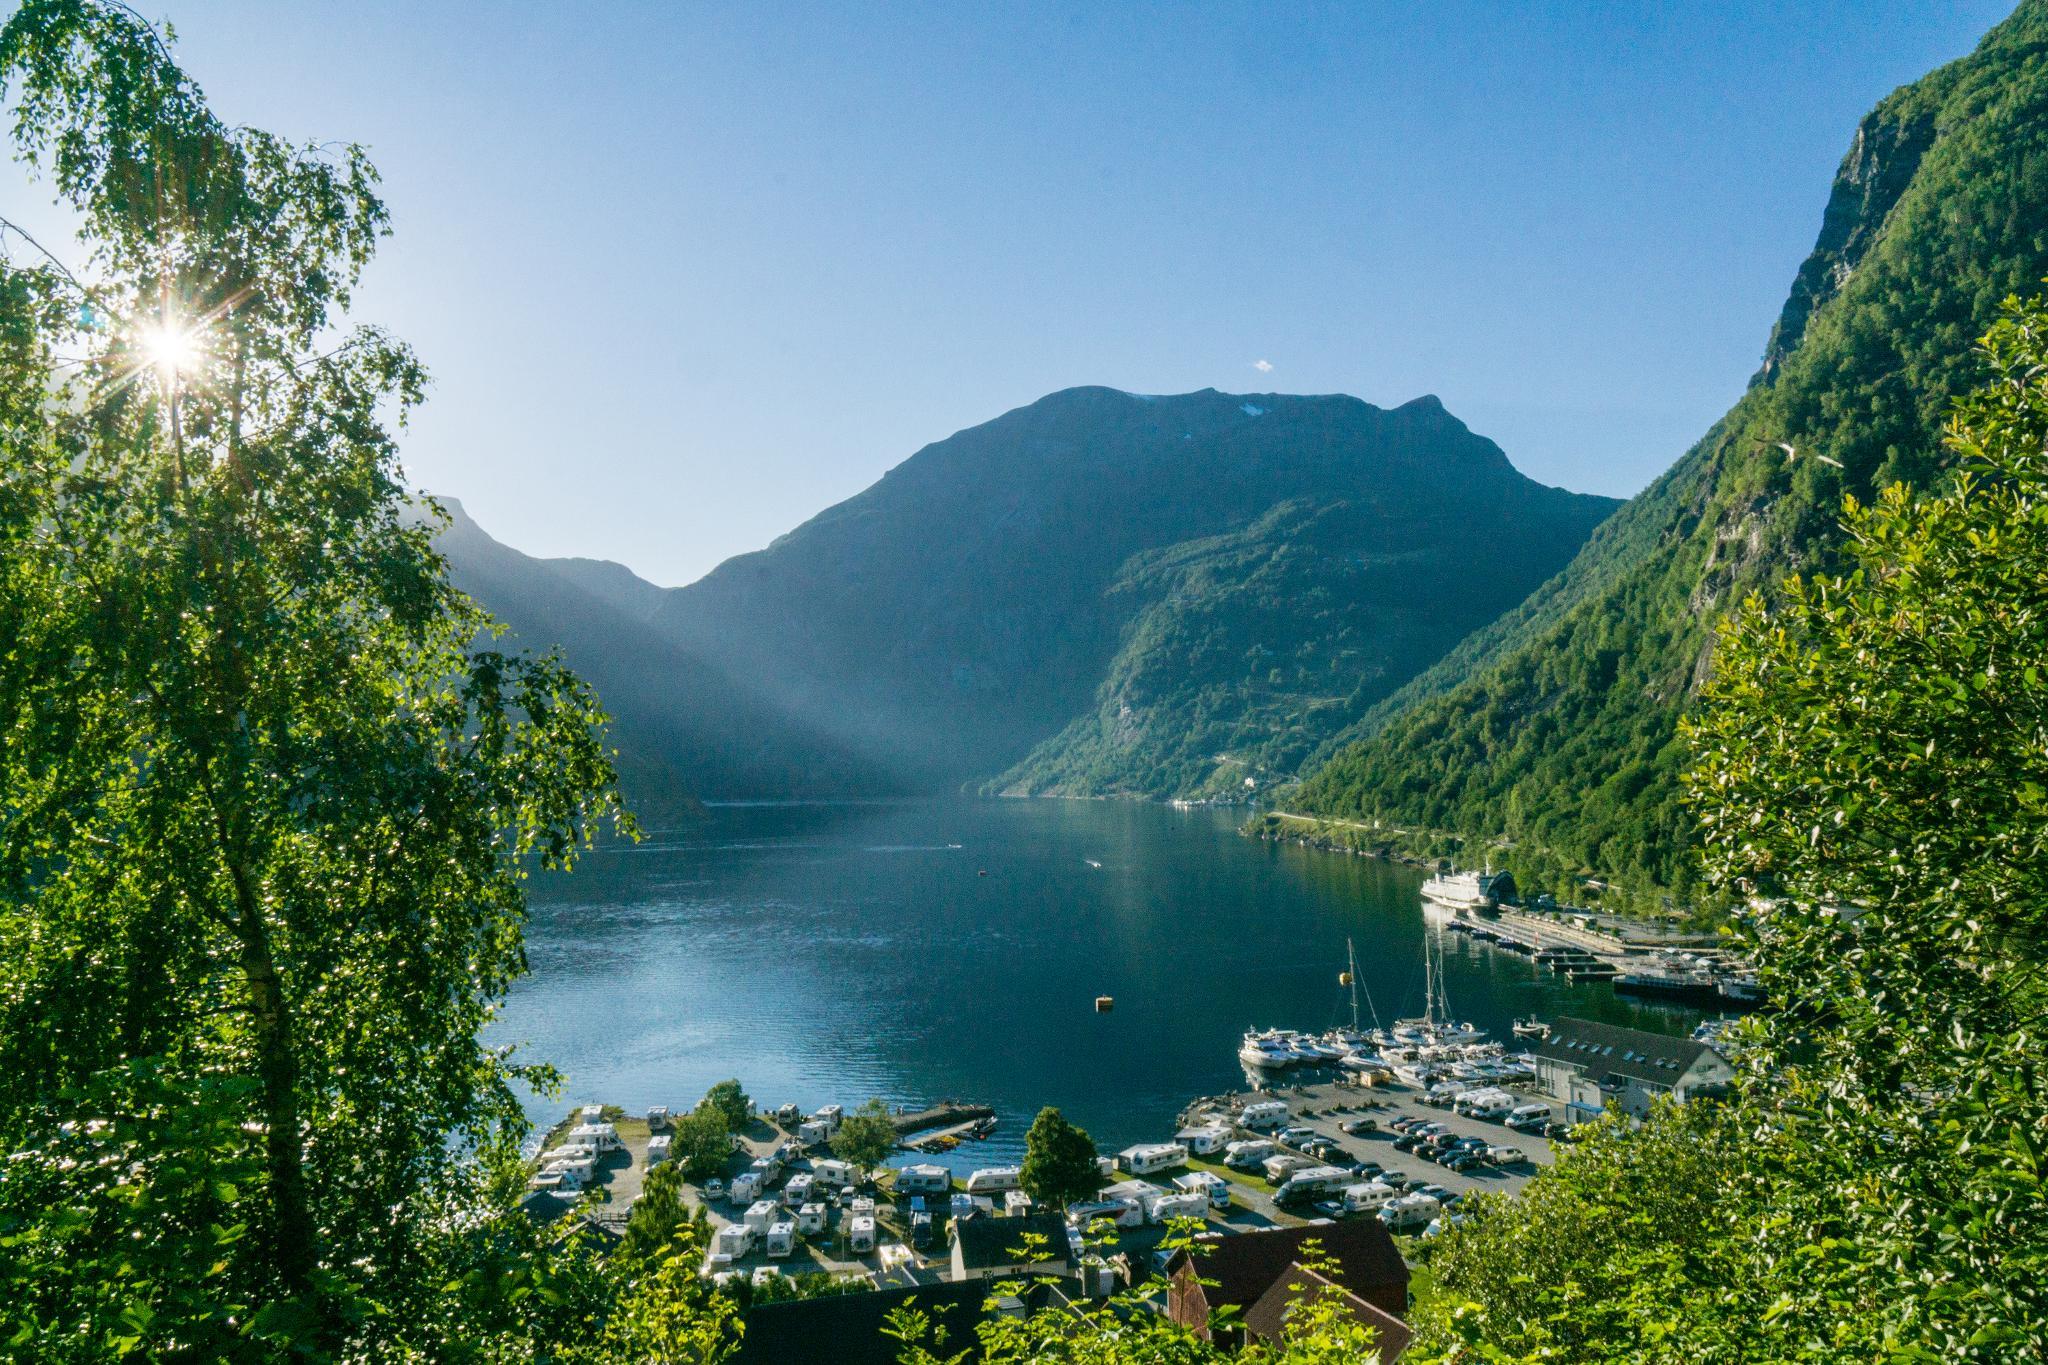 【北歐景點】Ørnesvingen 老鷹之路 ∣ 挪威世界遺產 — 蓋倫格峽灣景點總整理 38